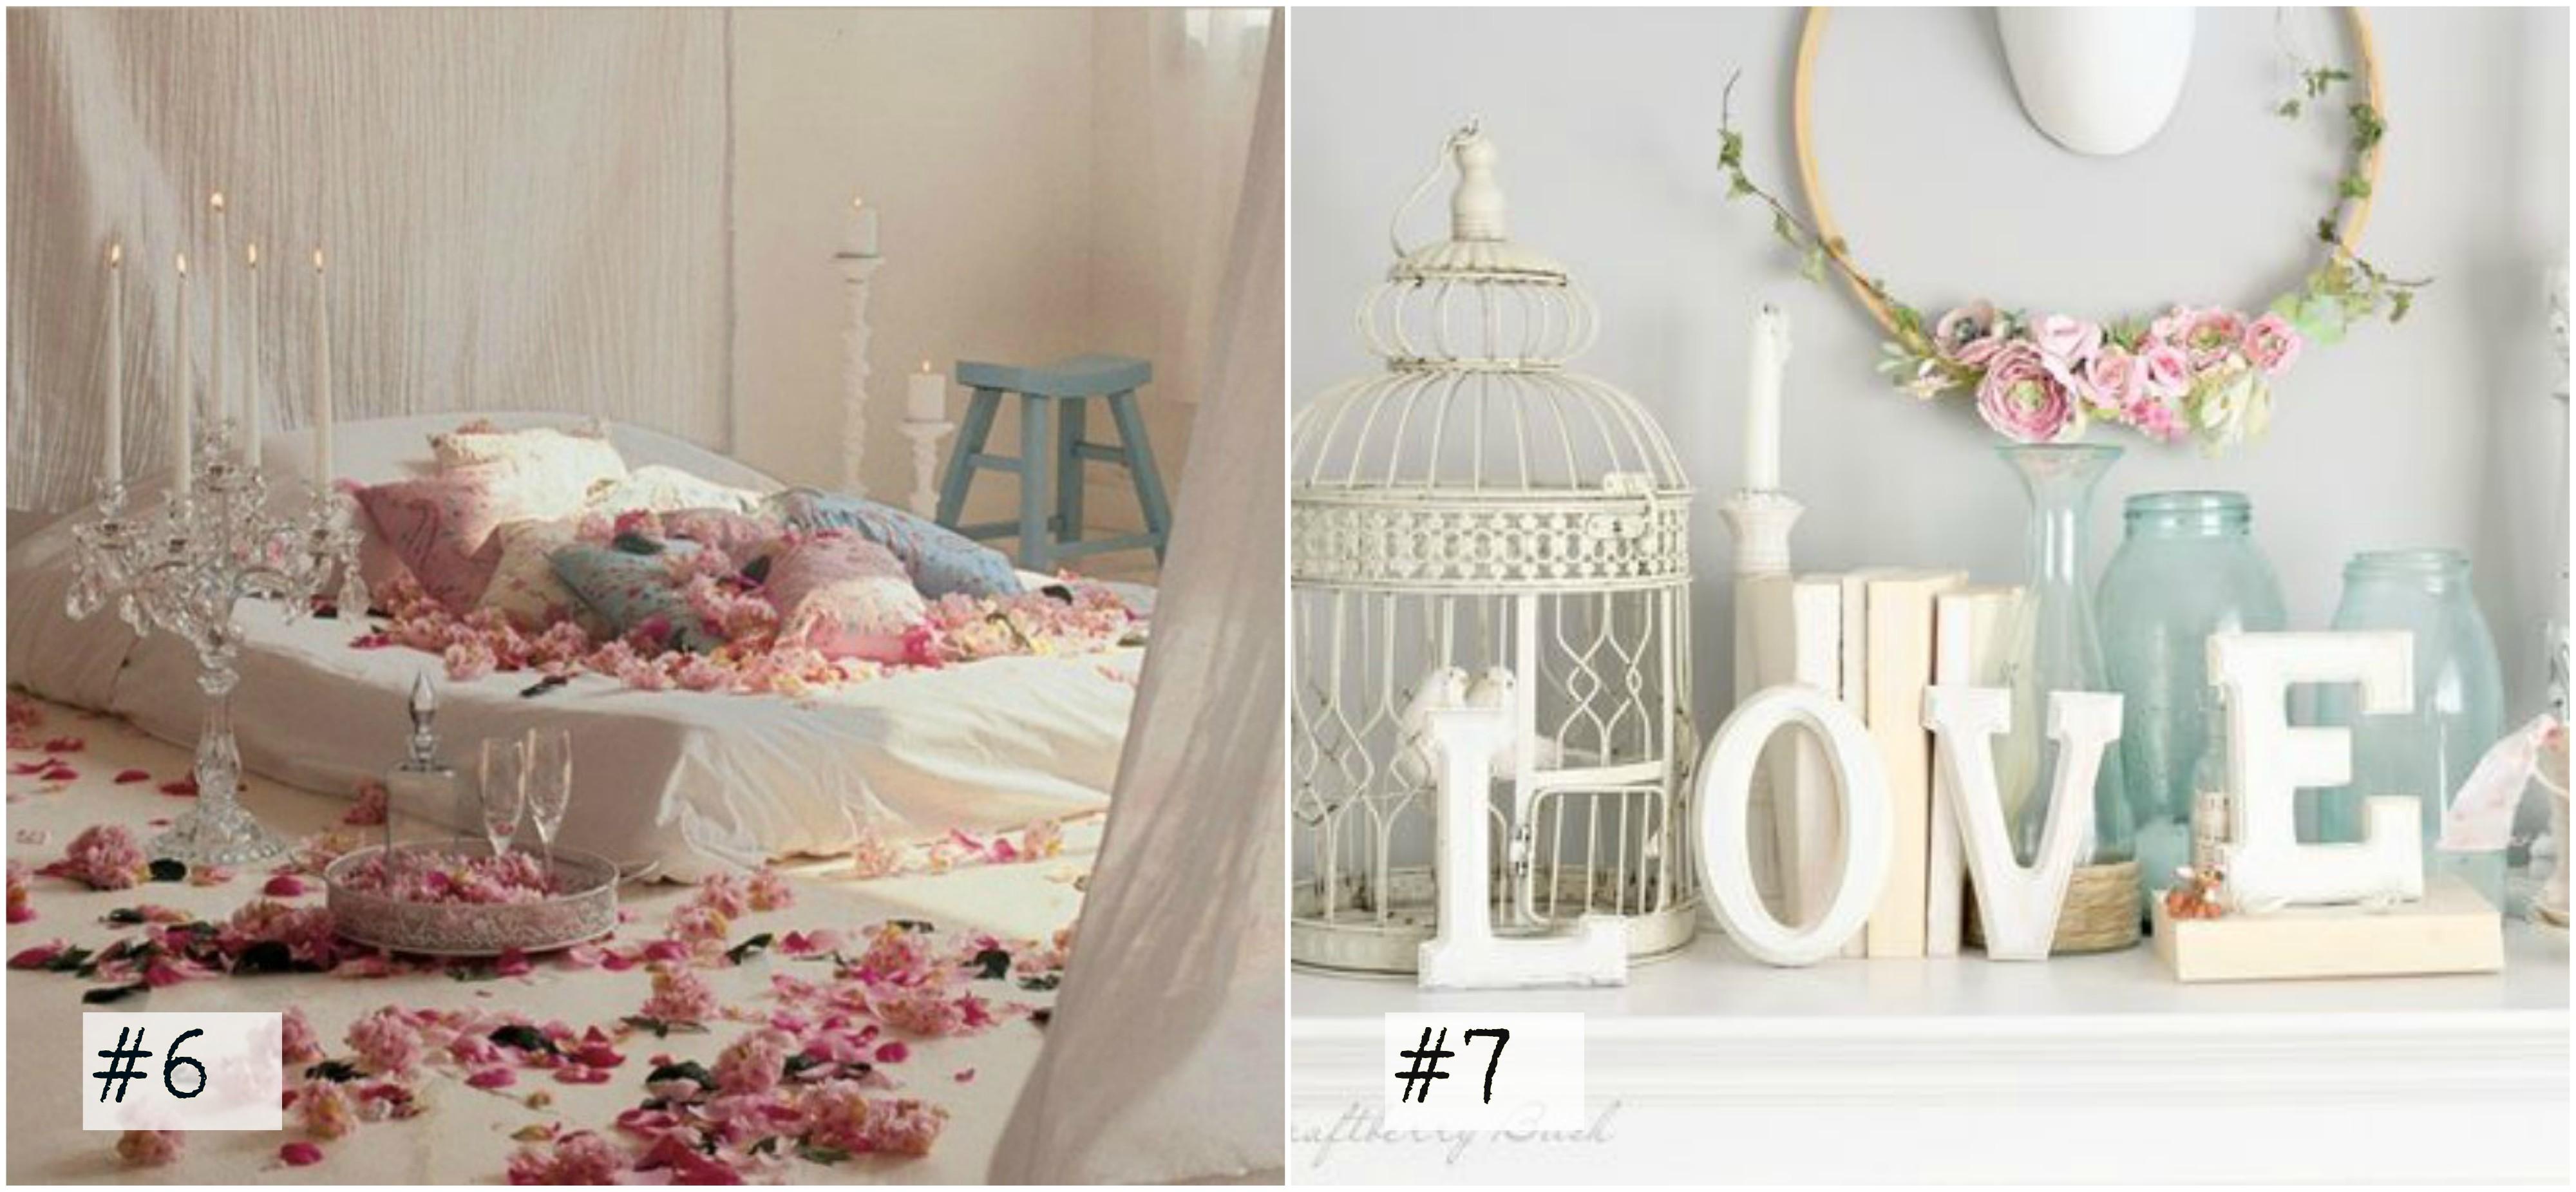 San valentino 25 fantastiche idee per la stanza da letto home handmade more by anoma - Stanza da letto romantica ...